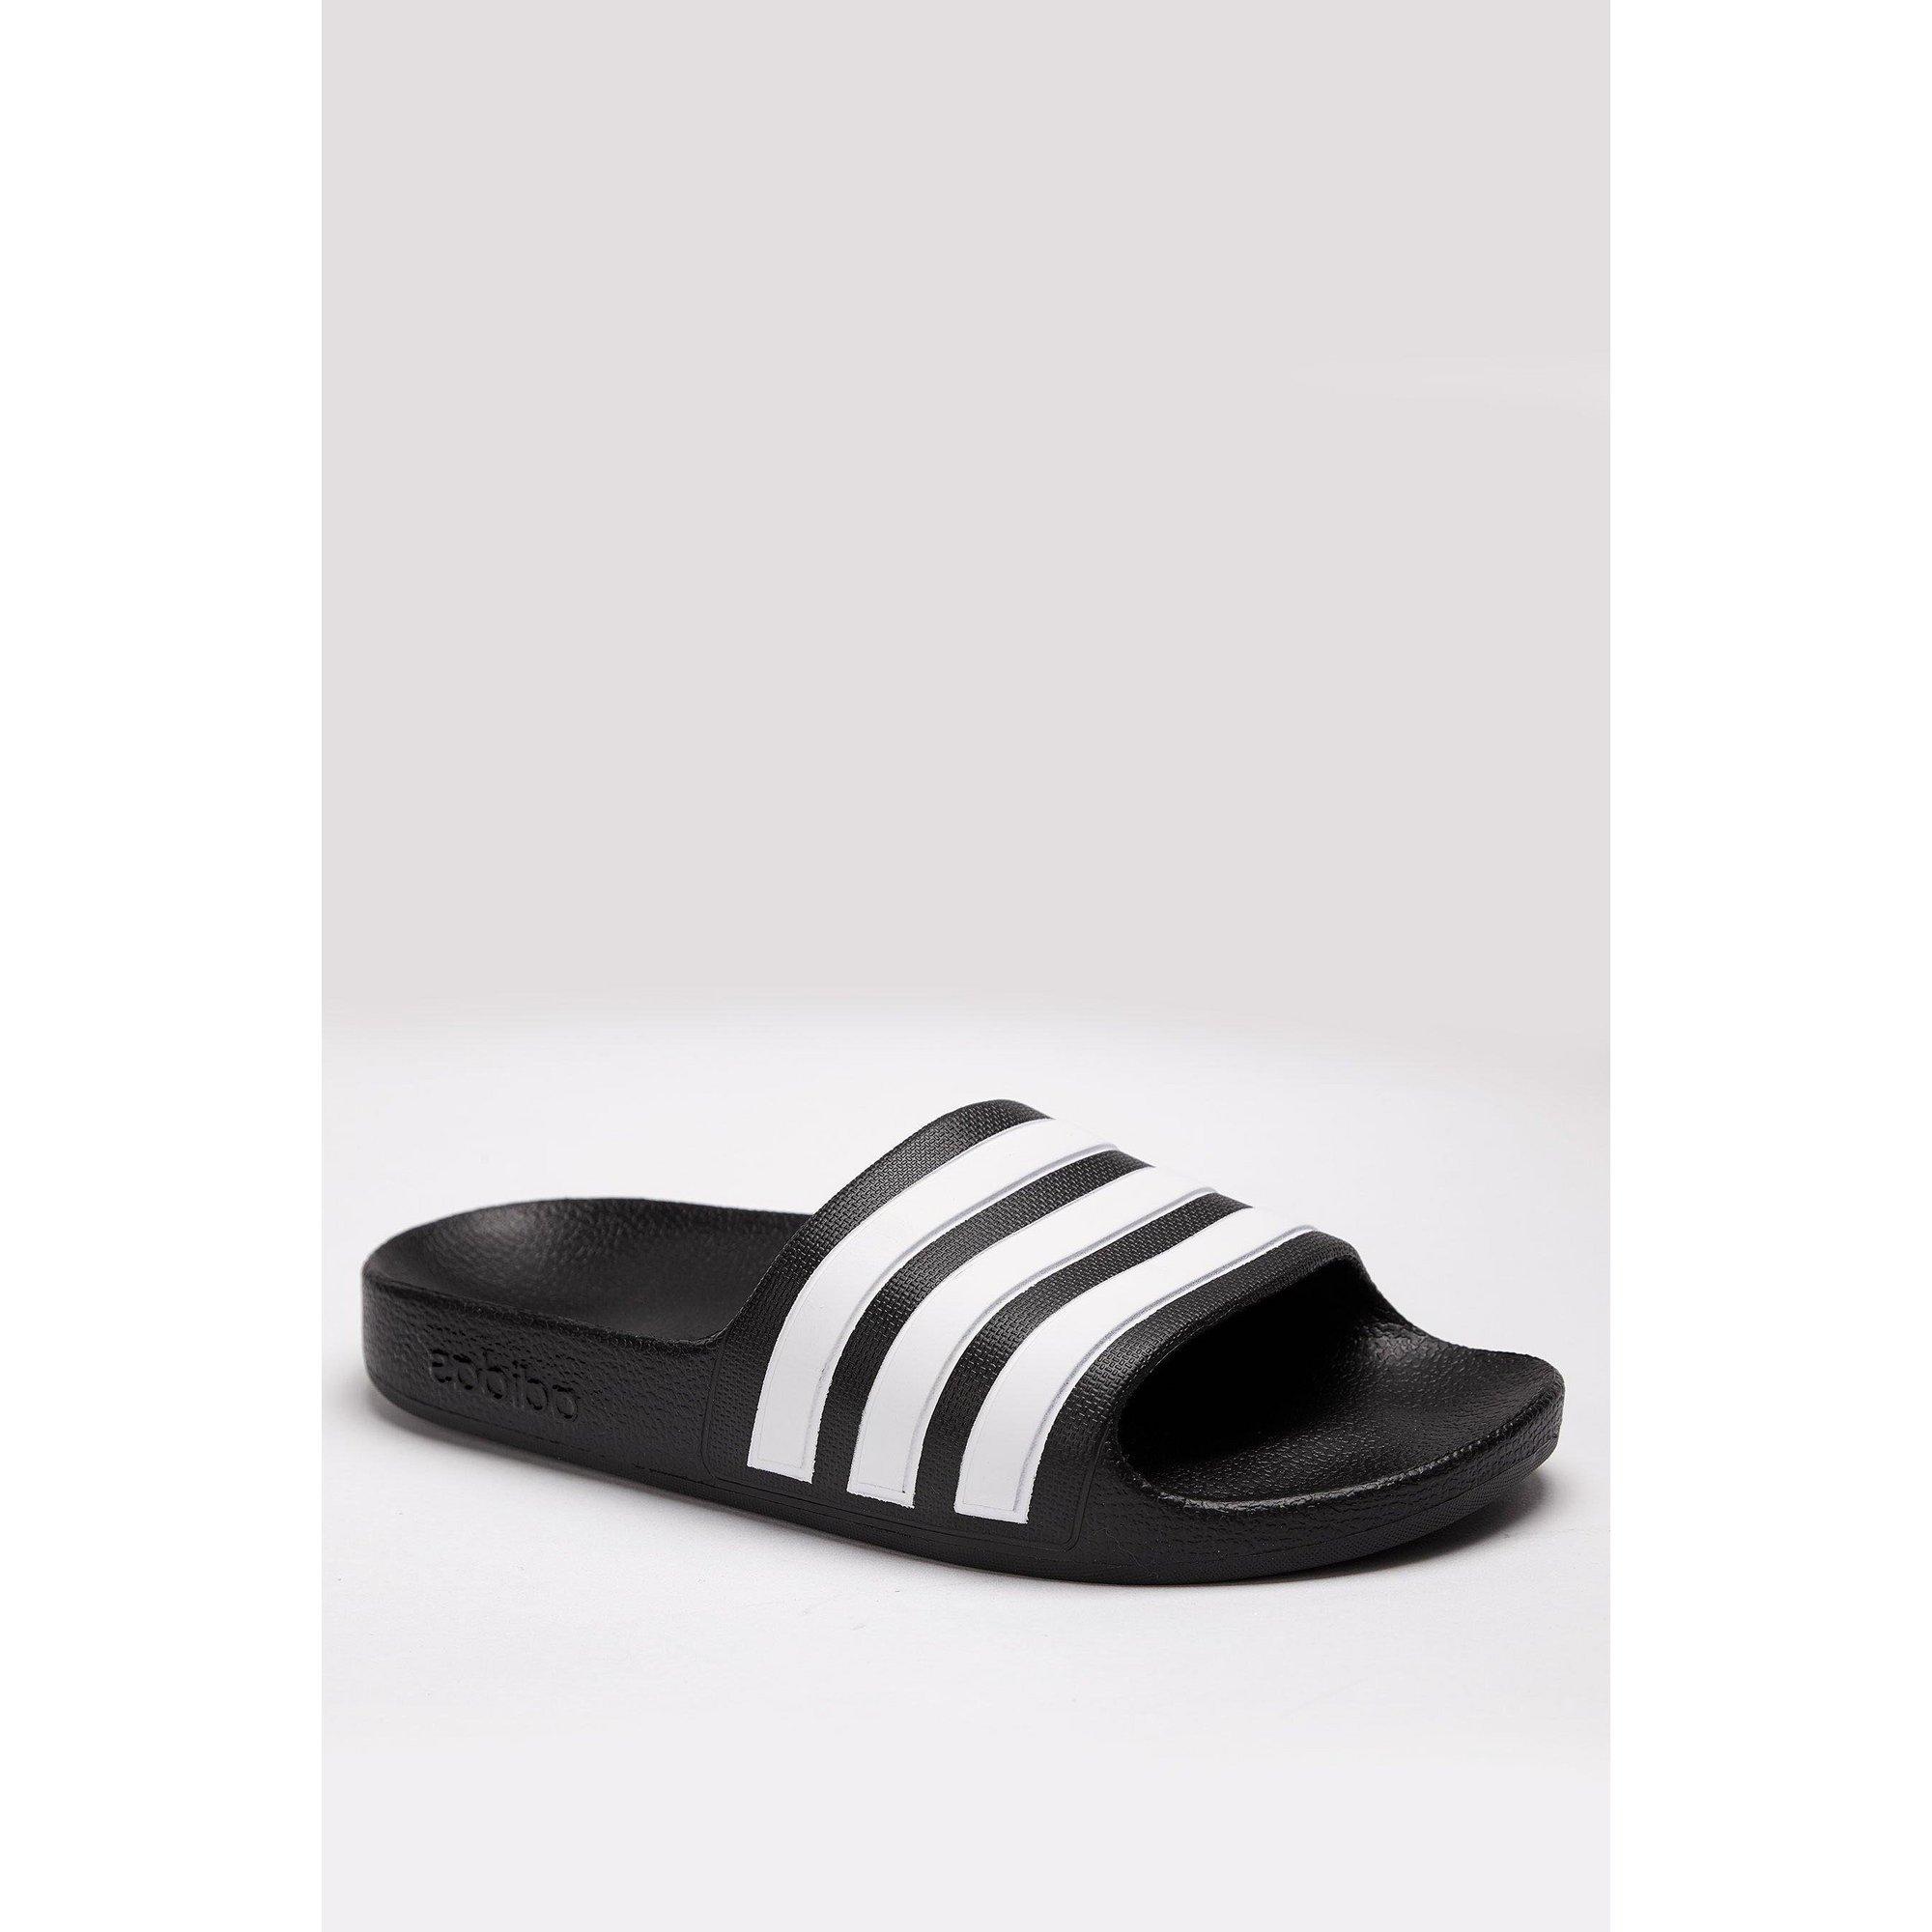 Image of adidas Adilette Aqua Black Sliders